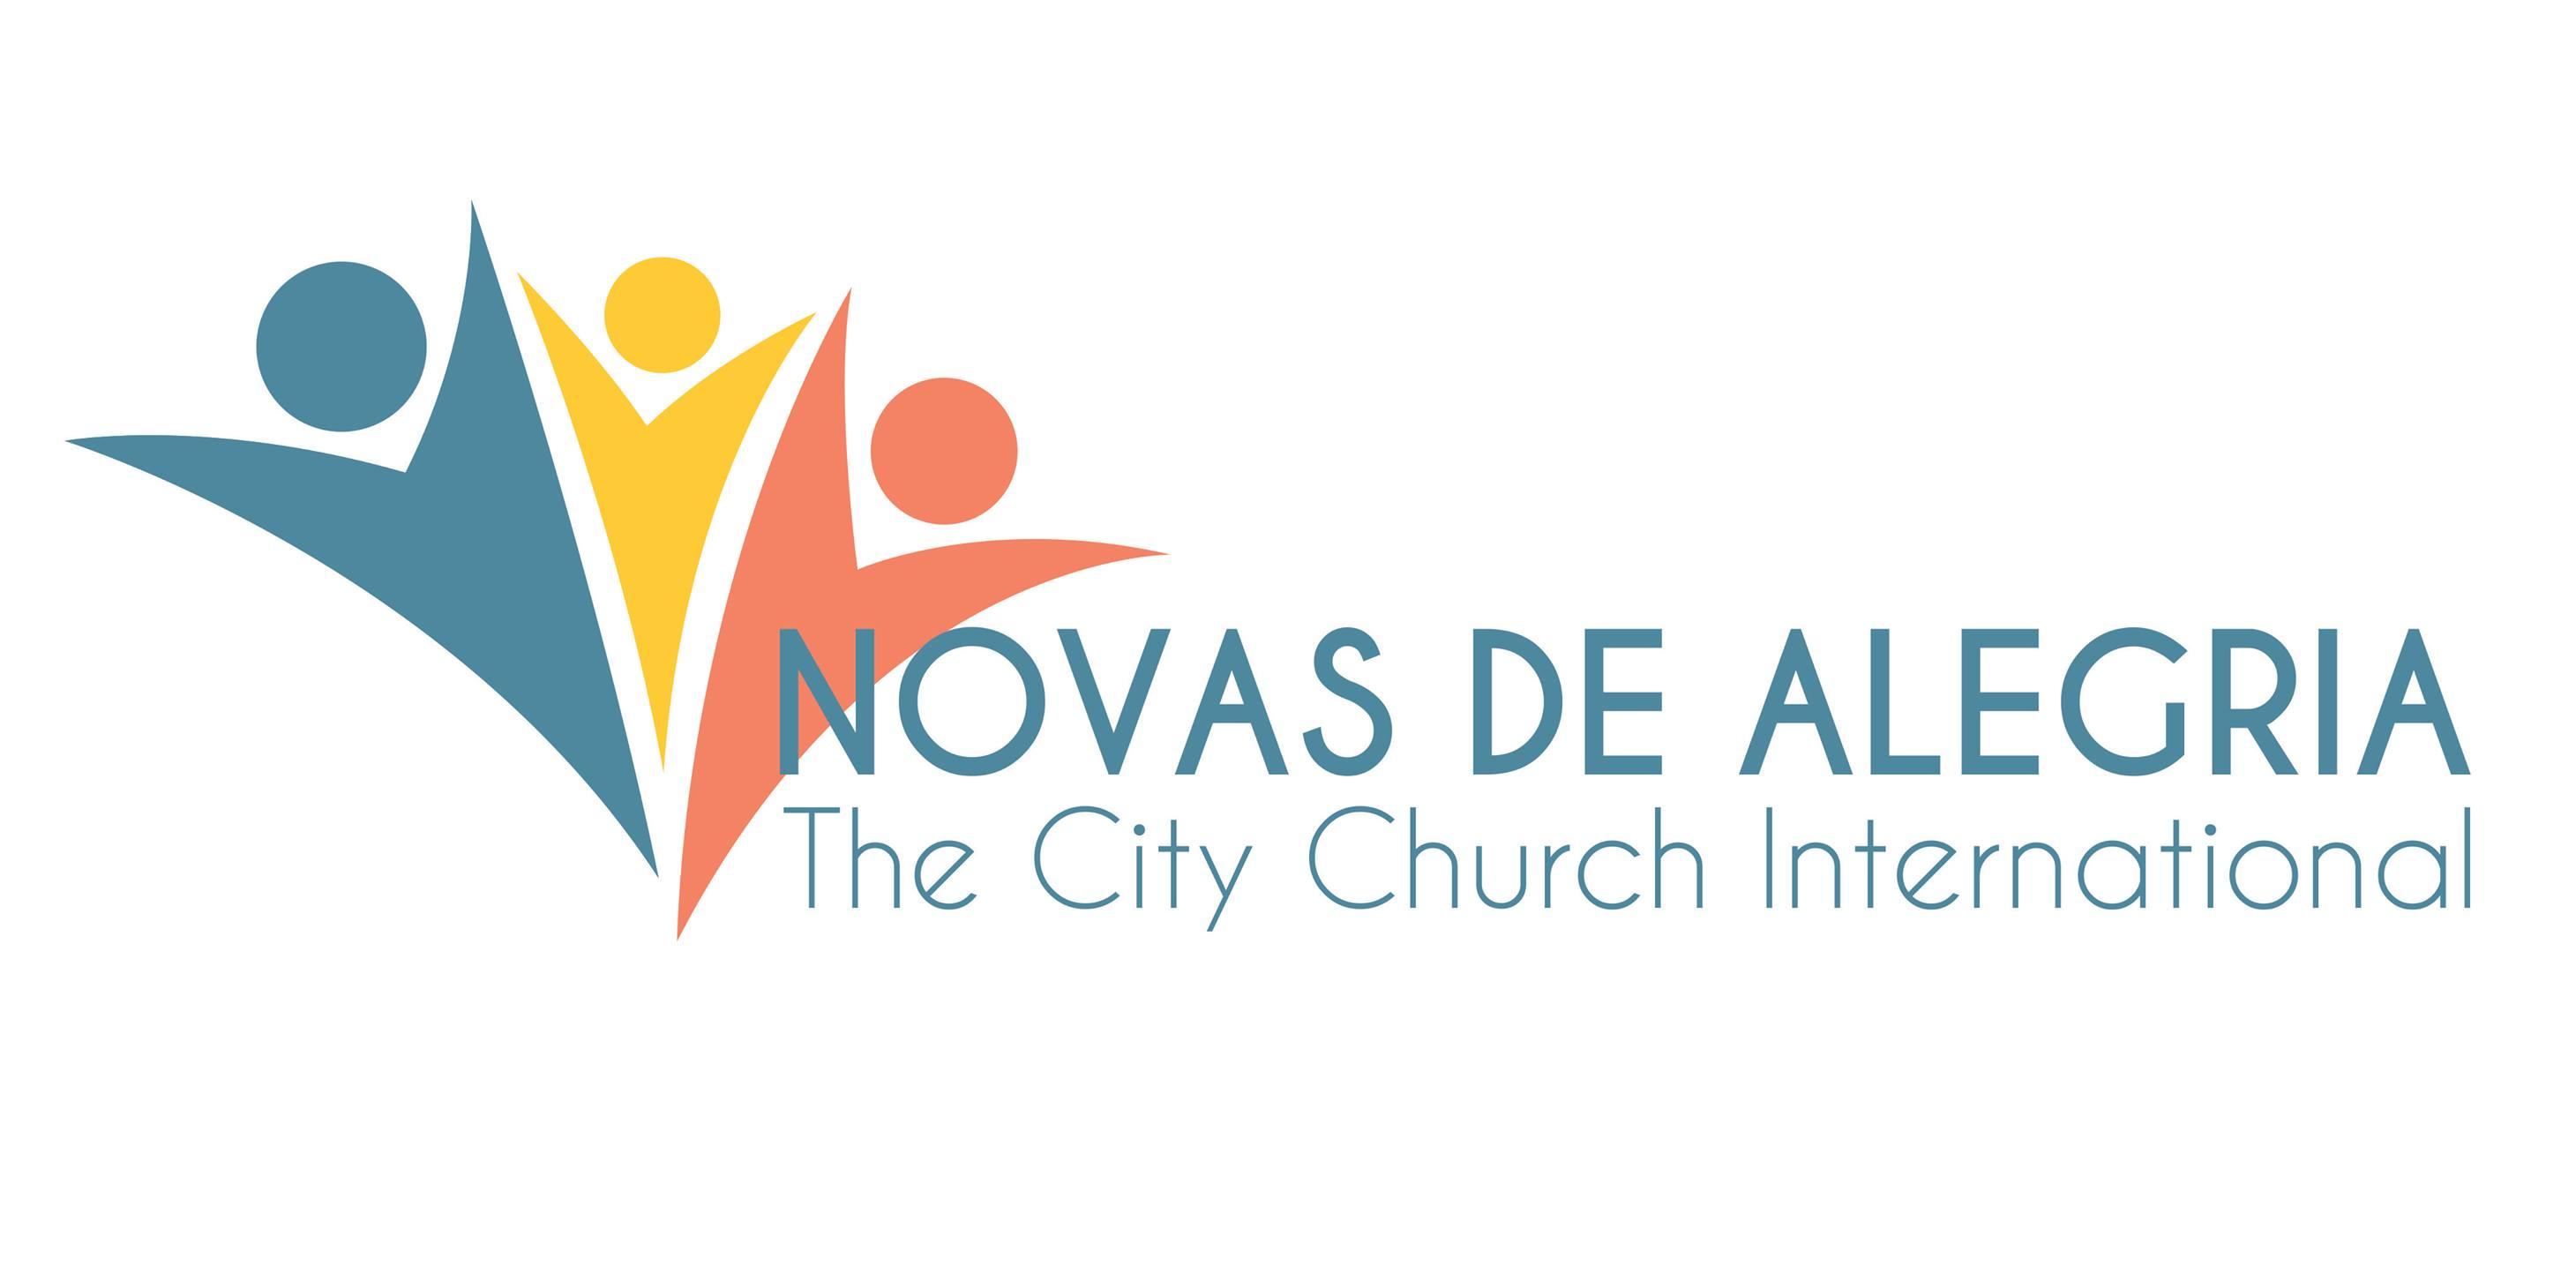 Igreja Novas de Alegria - The City Church International